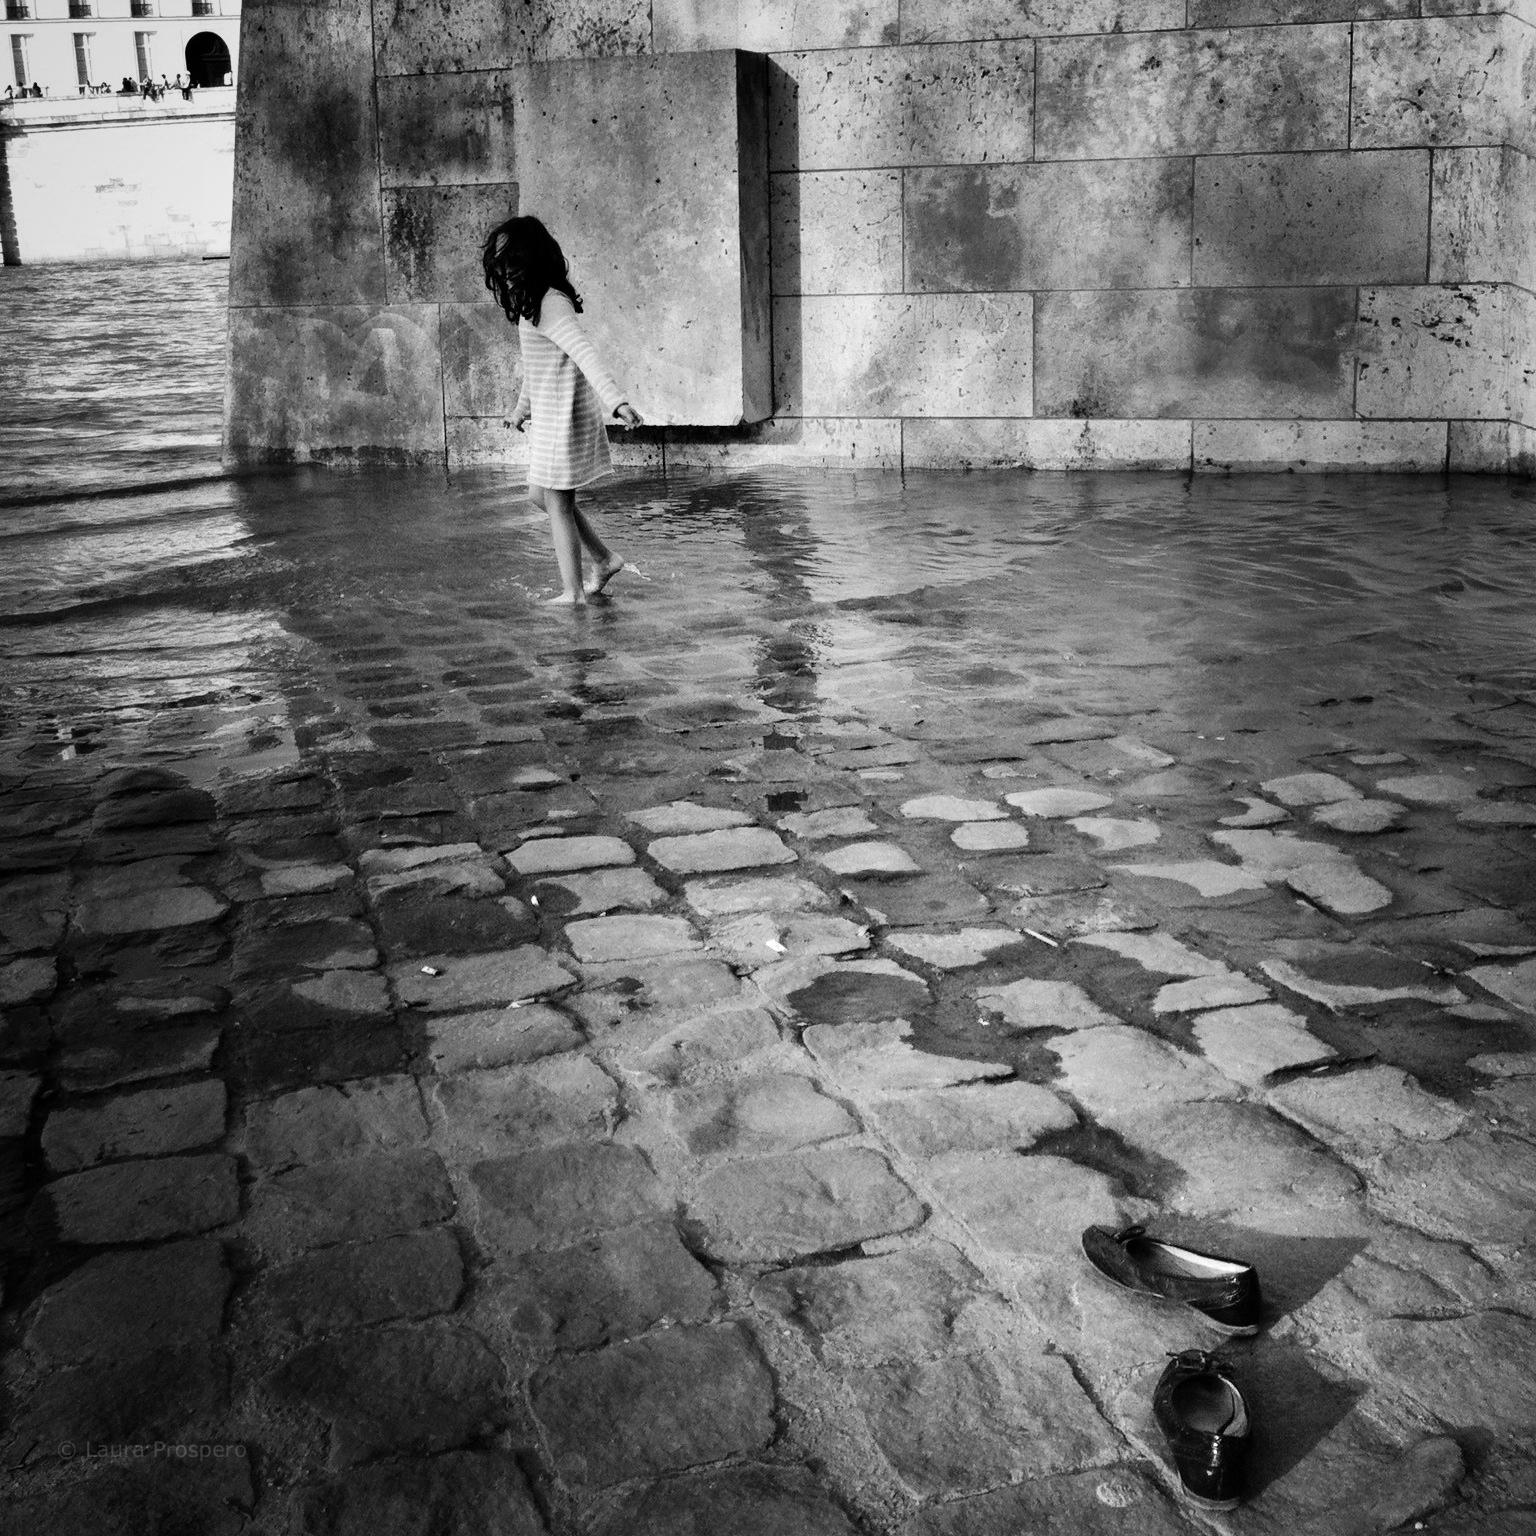 © Laura Prospero